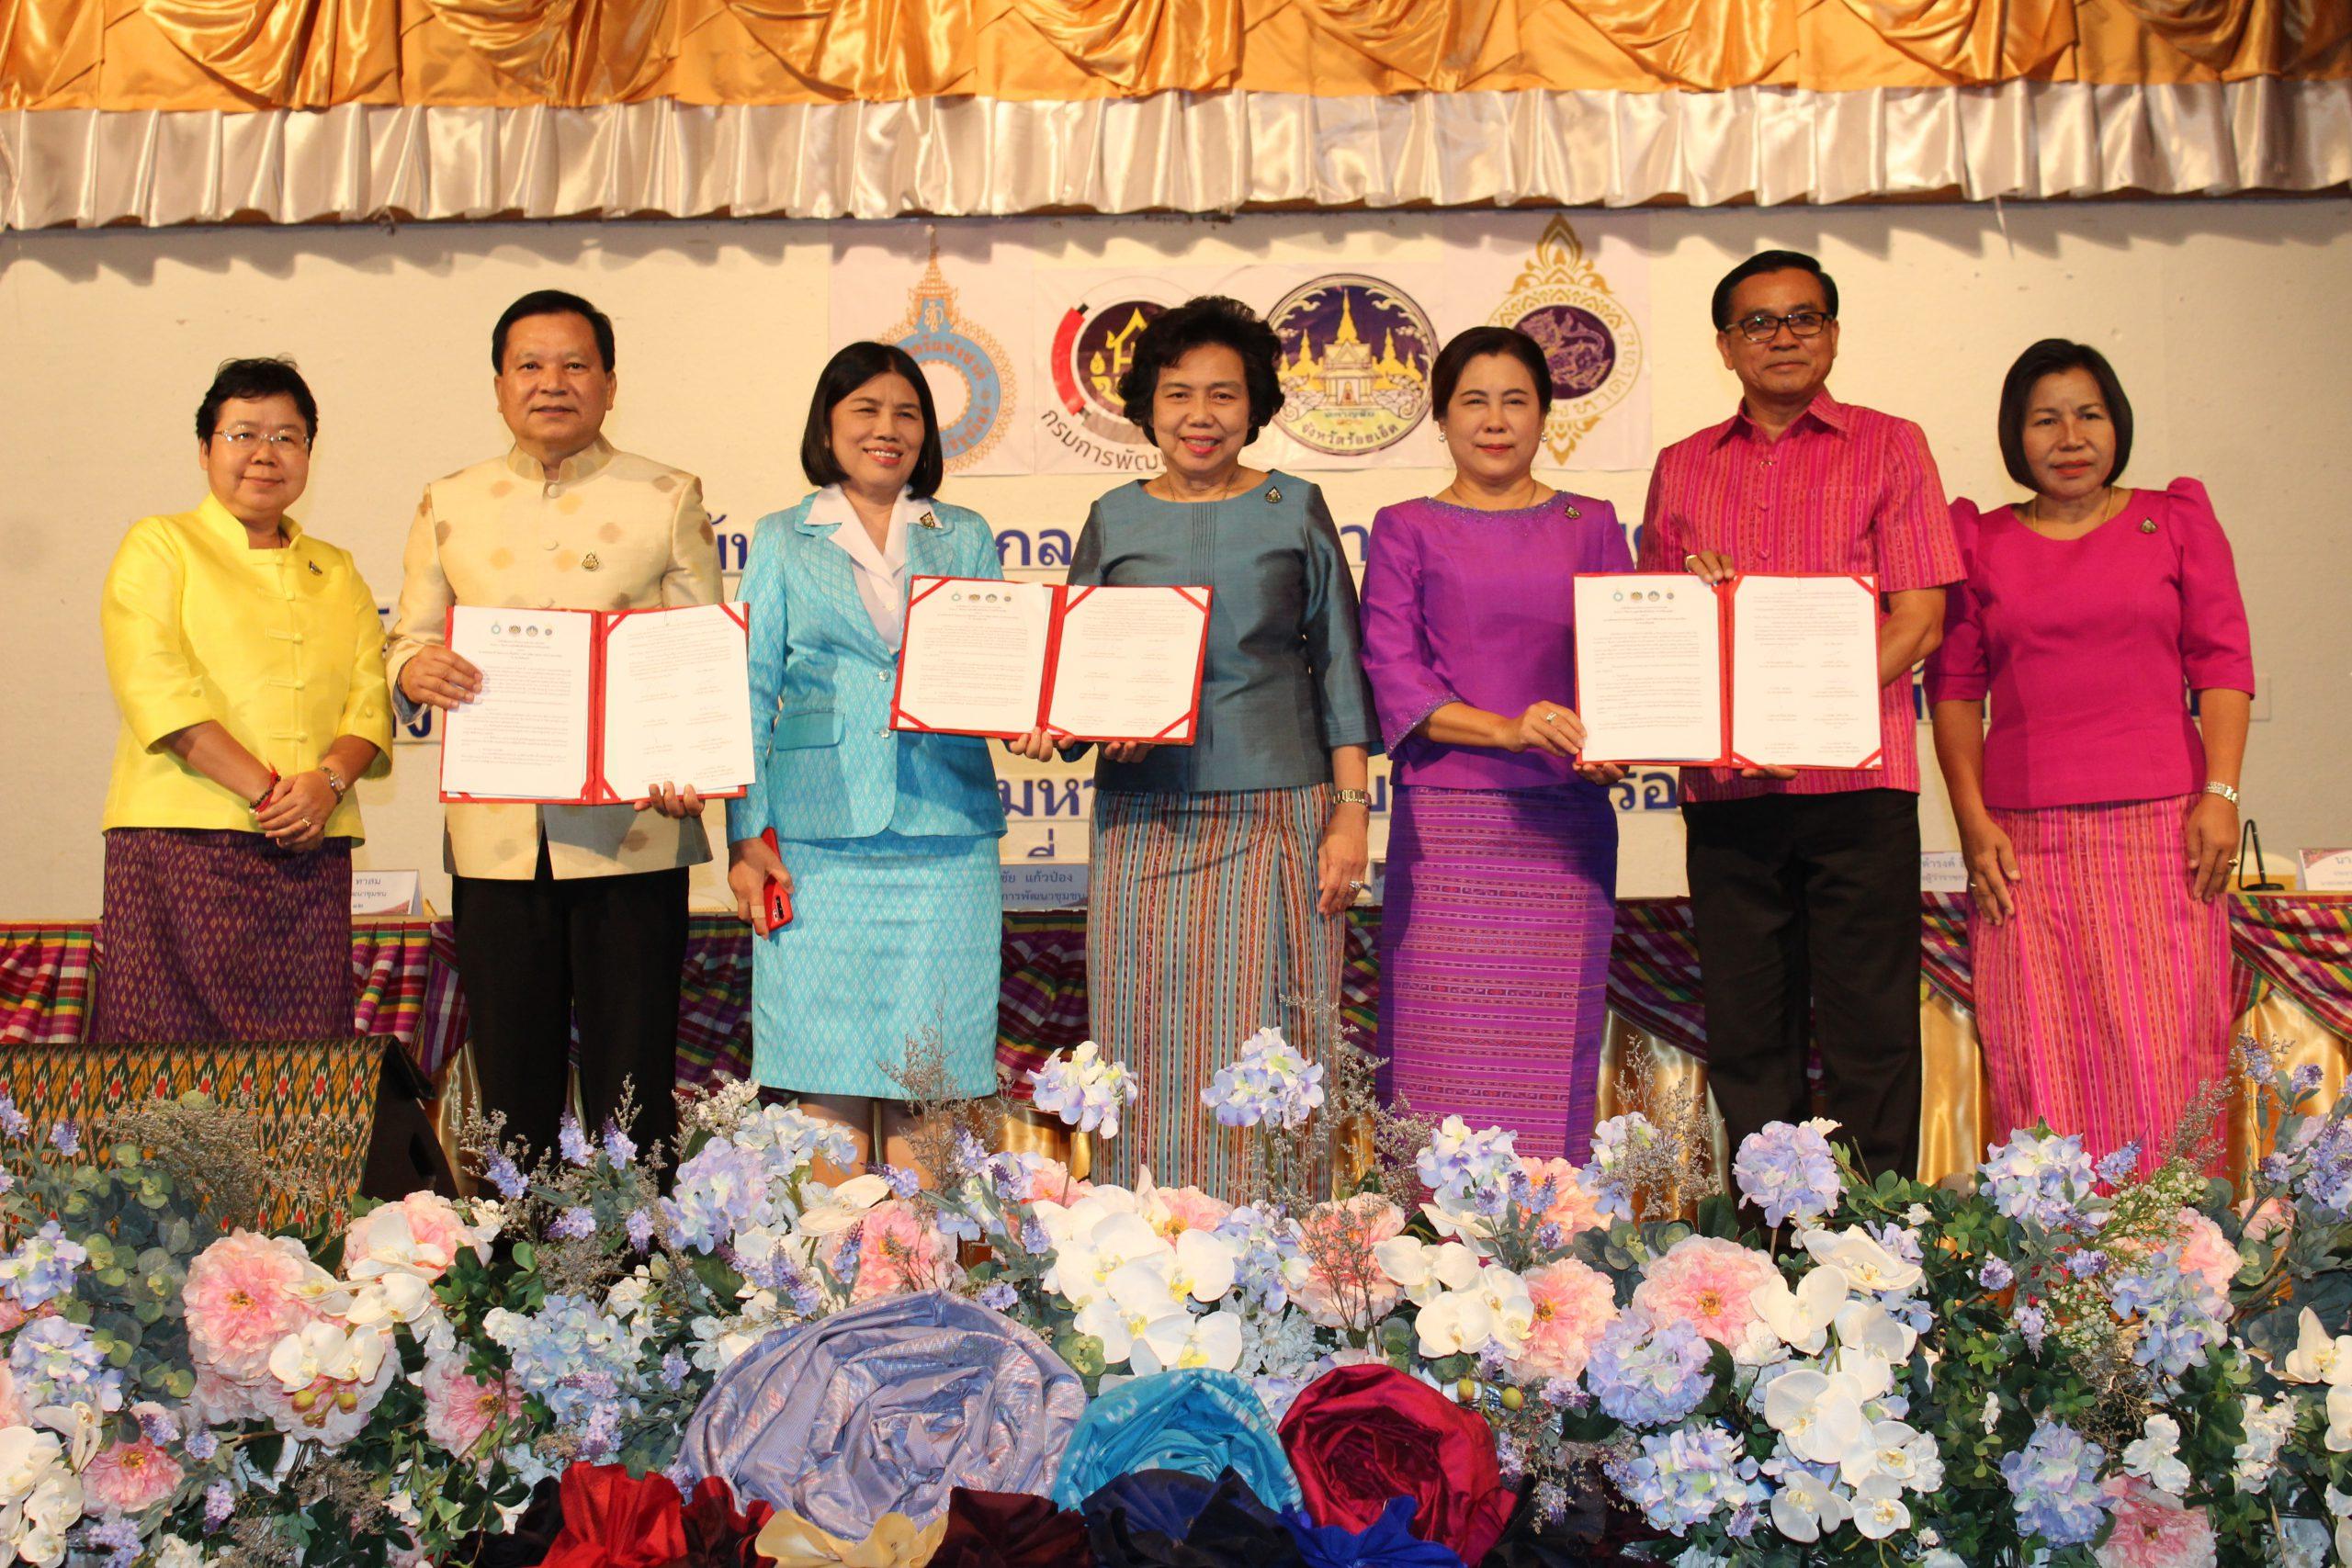 สภาสตรีแห่งชาติฯเดินหน้ารณรงค์สืบสาน อนุรักษ์ศิลป์ผ้าถิ่นไทย ดำรงไว้ในแผ่นดิน